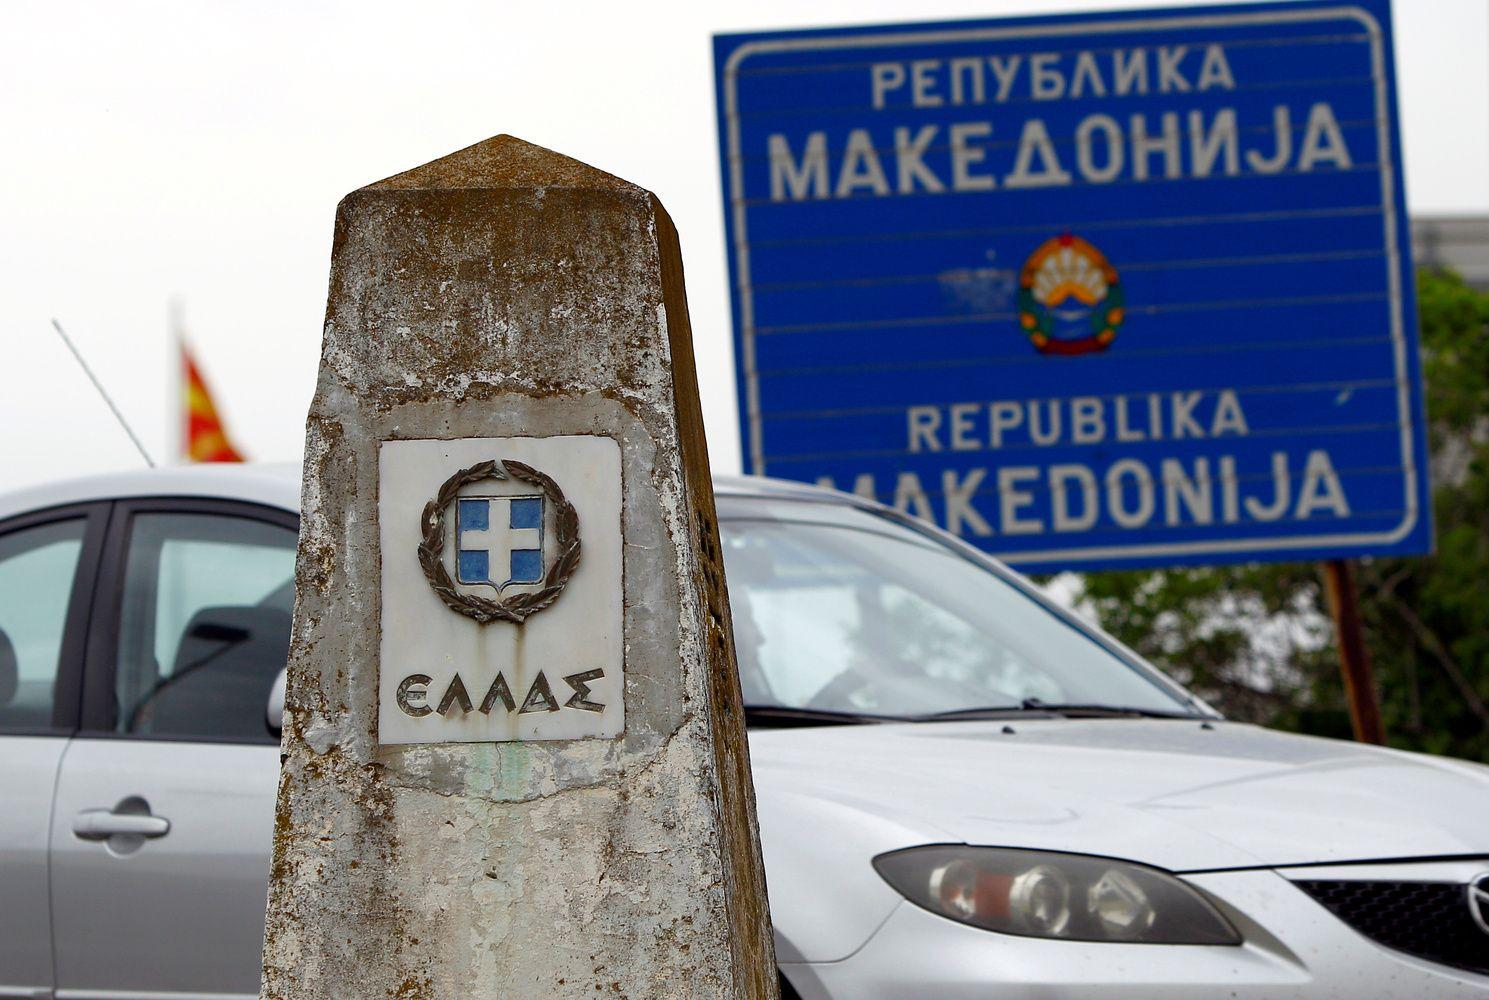 Graikijos parlamentas palaimino susitarimą dėl Makedonijos pavadinimo